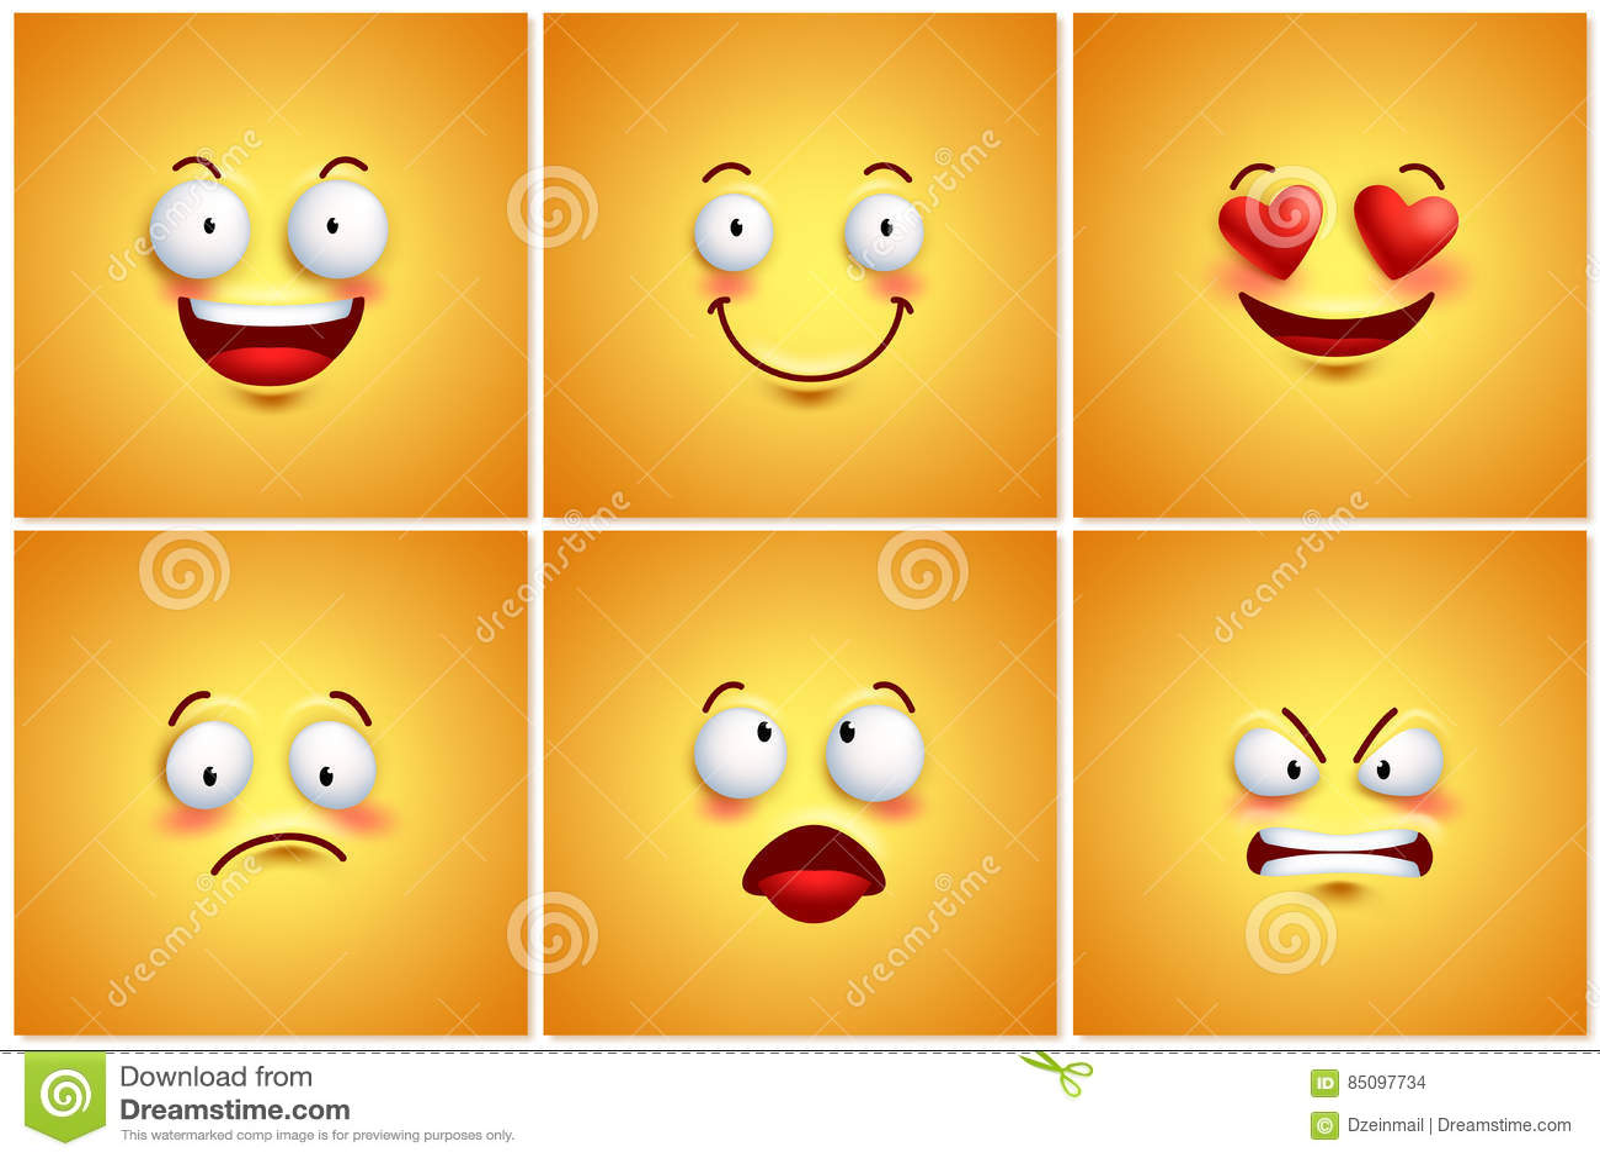 Fundos Engracados Do Papel De Parede Do Cartaz Do Vetor Dos Smiley